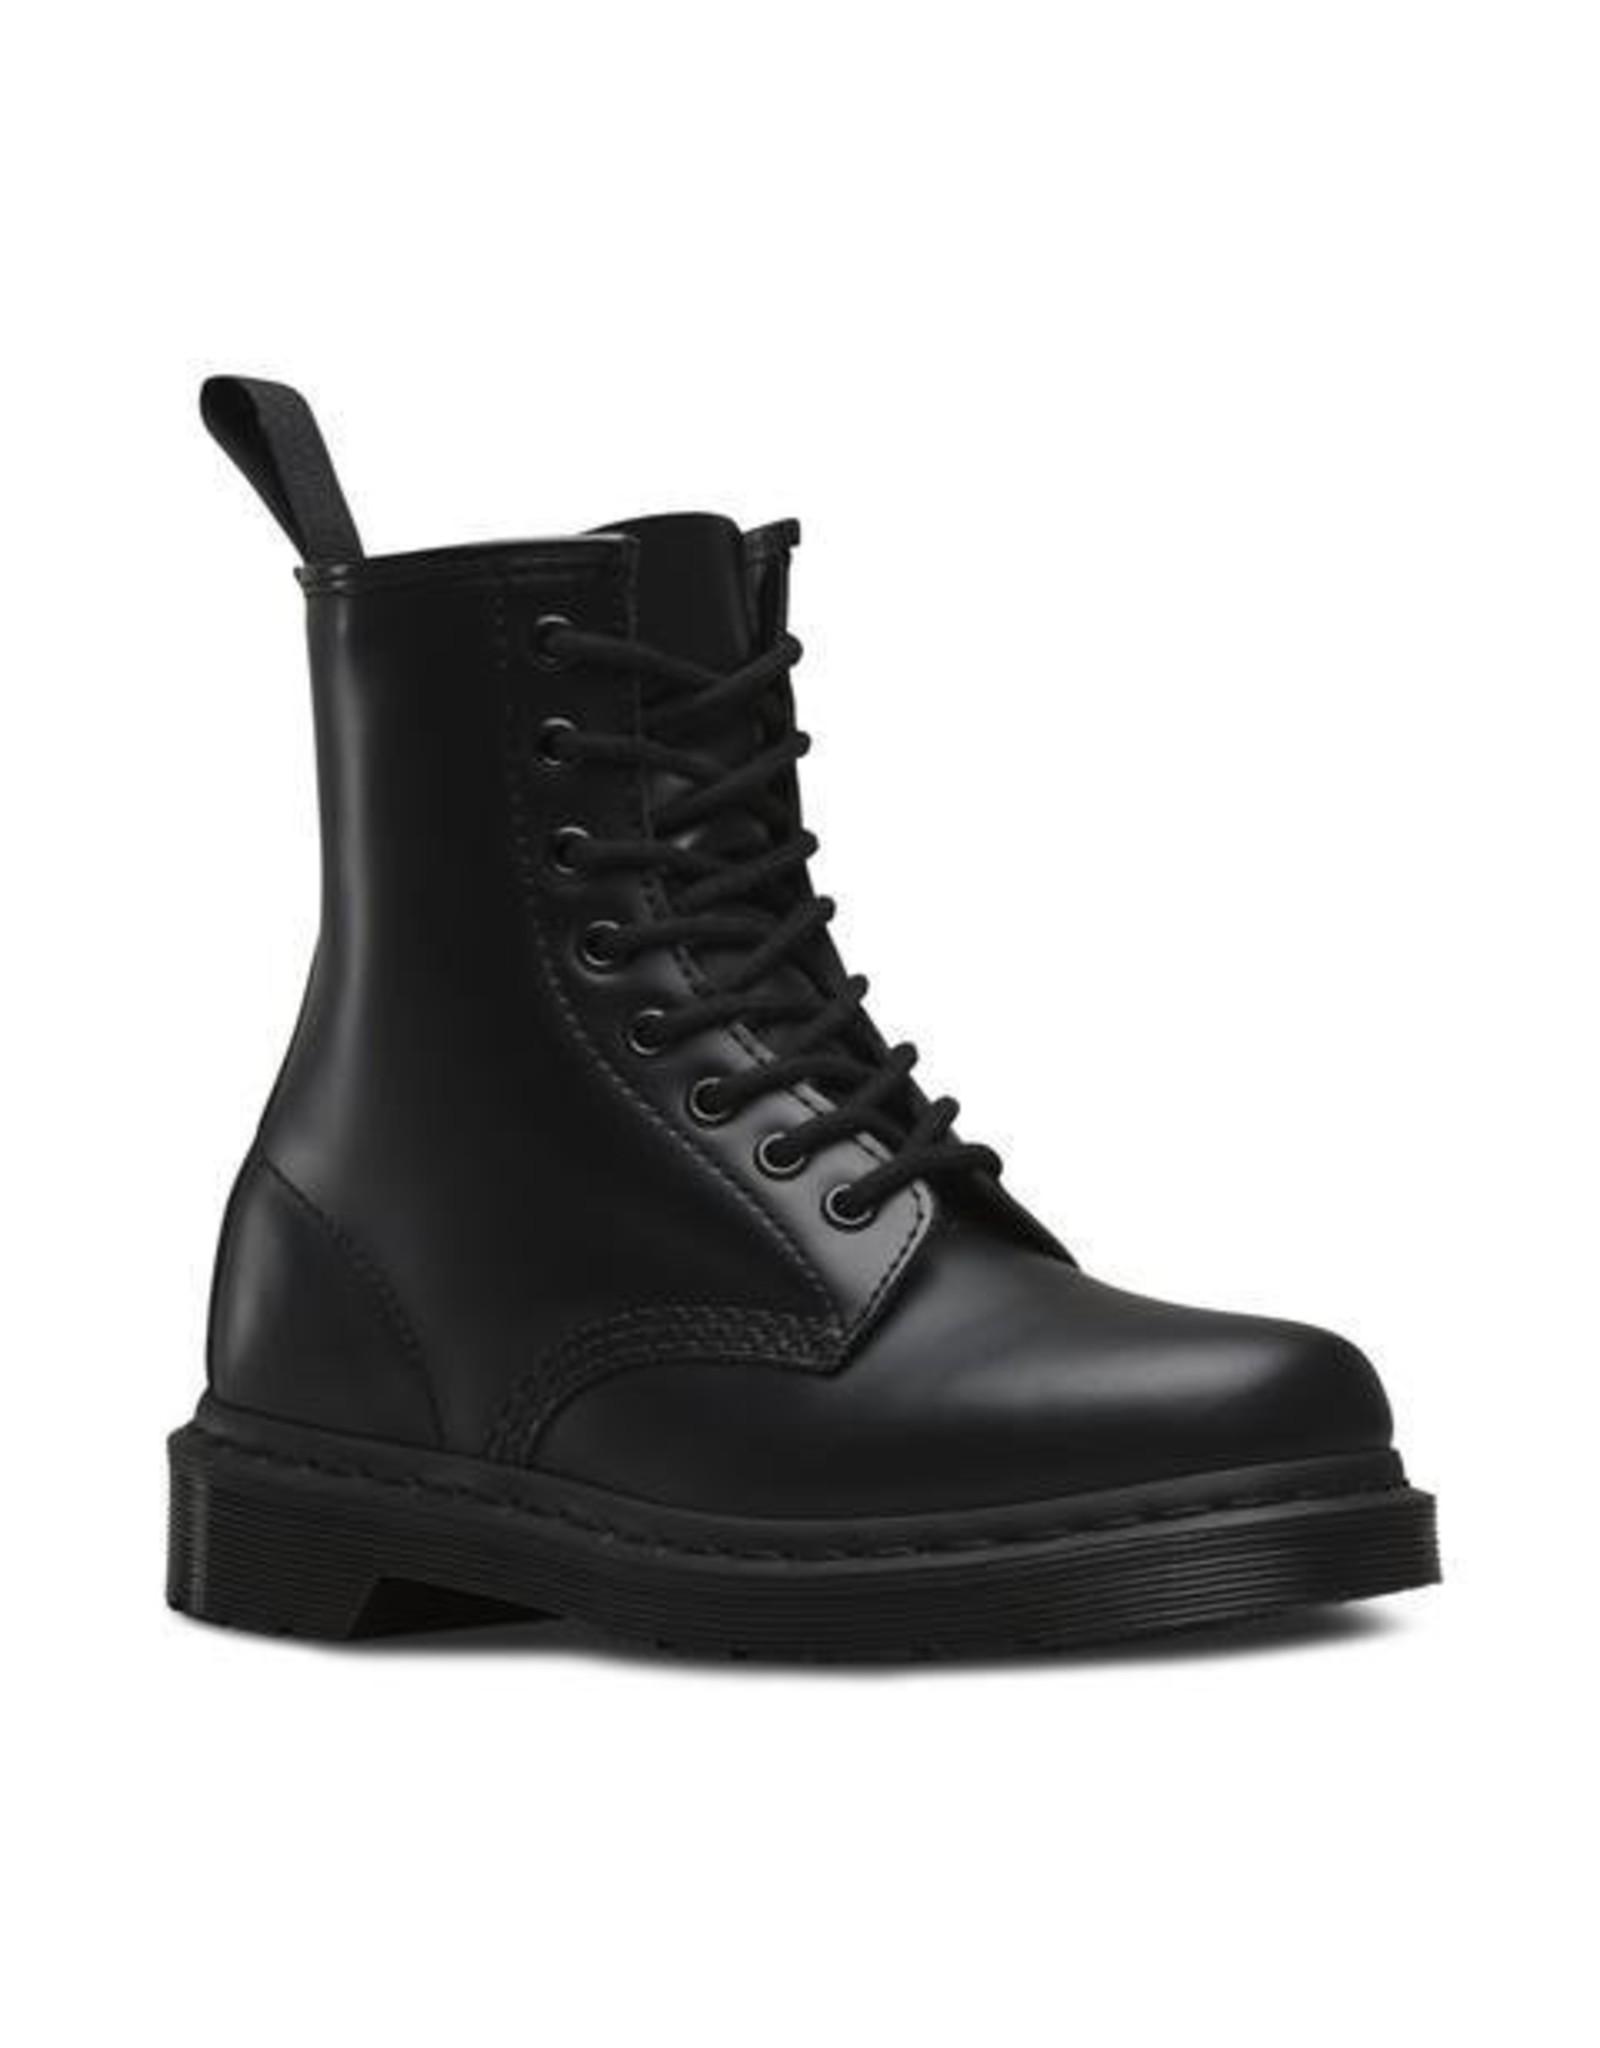 DR. MARTENS 1460 MONO BLACK SMOOTH 815MO-R14353001